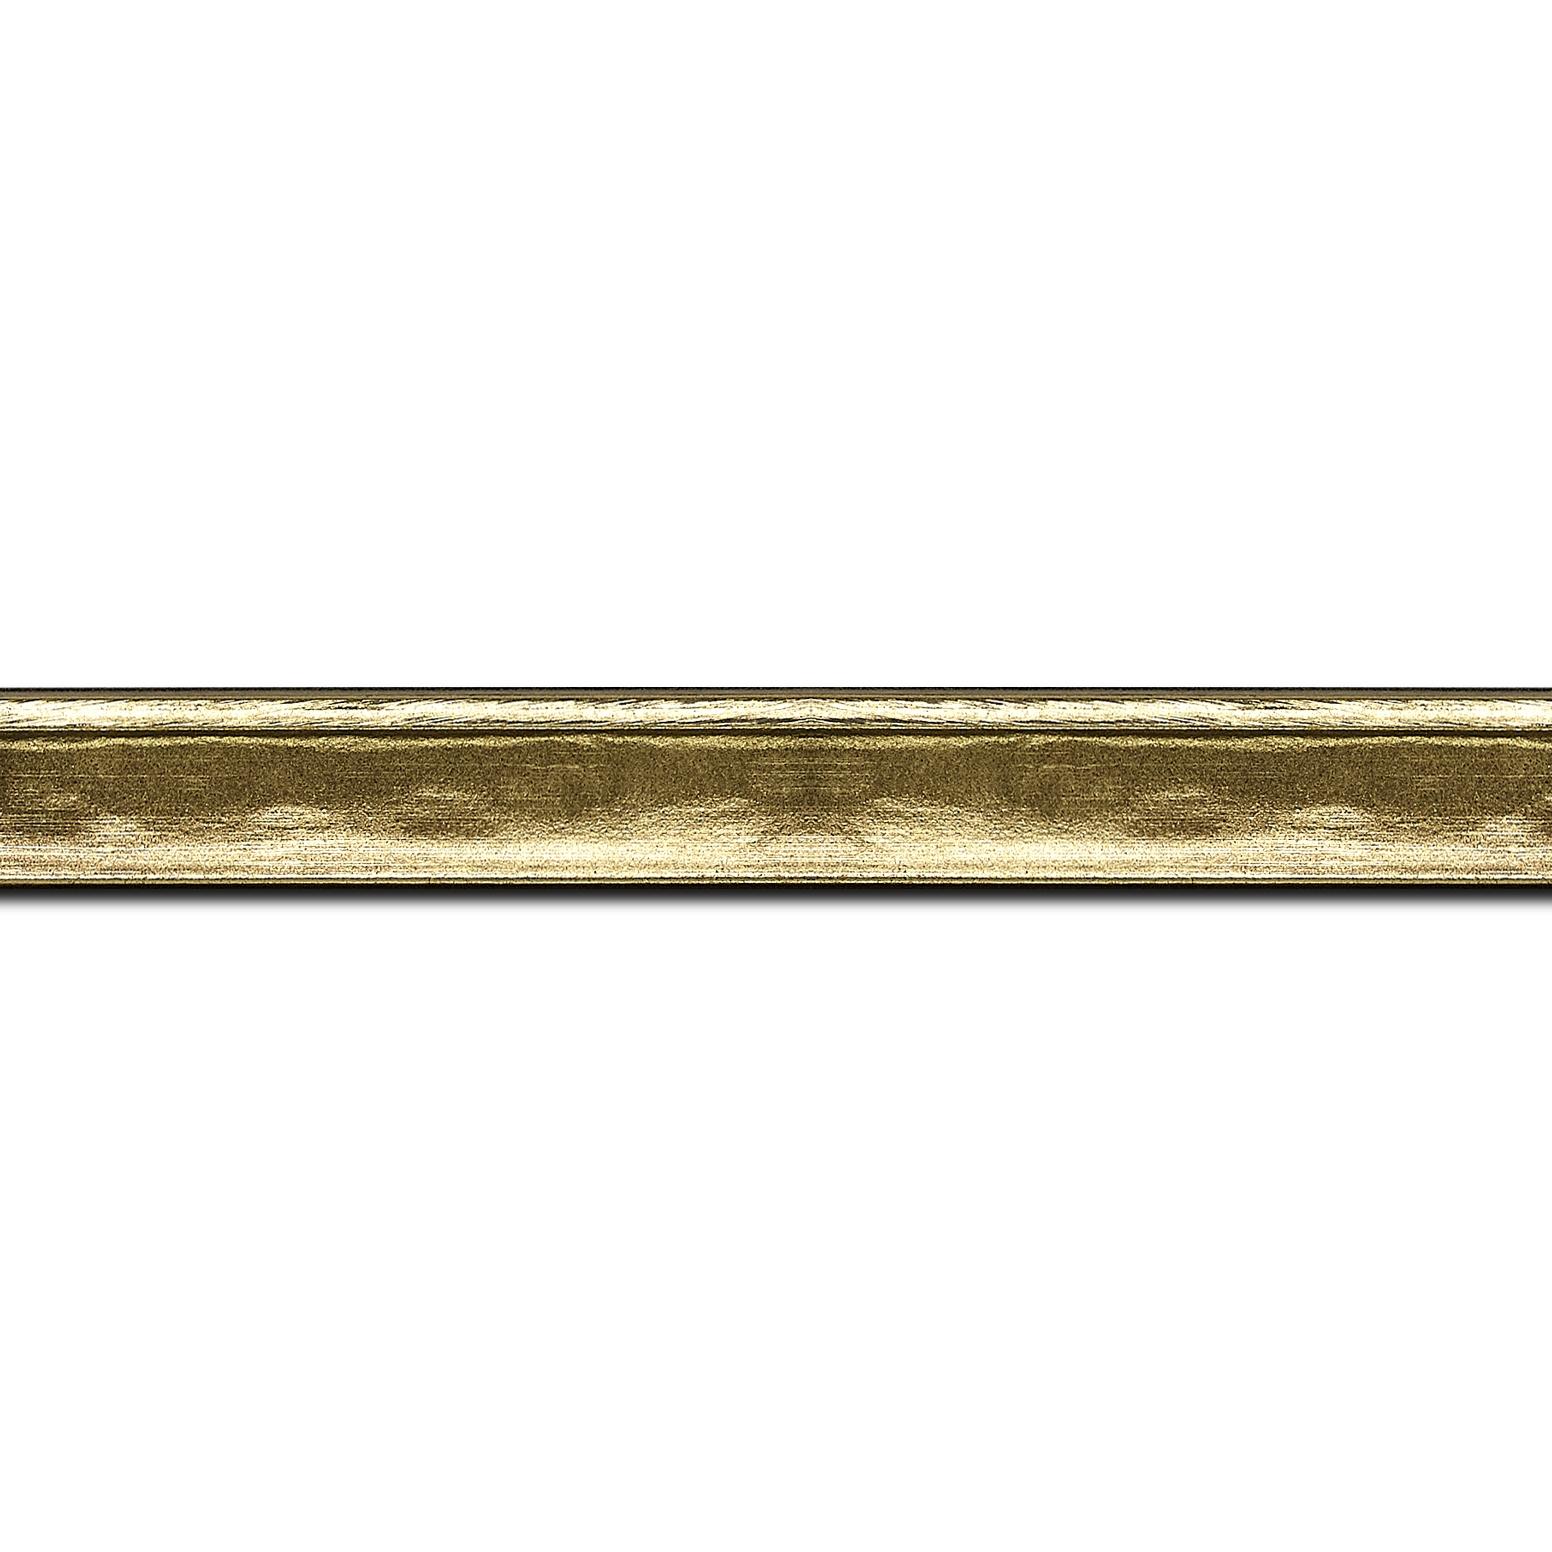 Baguette longueur 1.40m bois profil incurvé largeur 2cm or bosselé